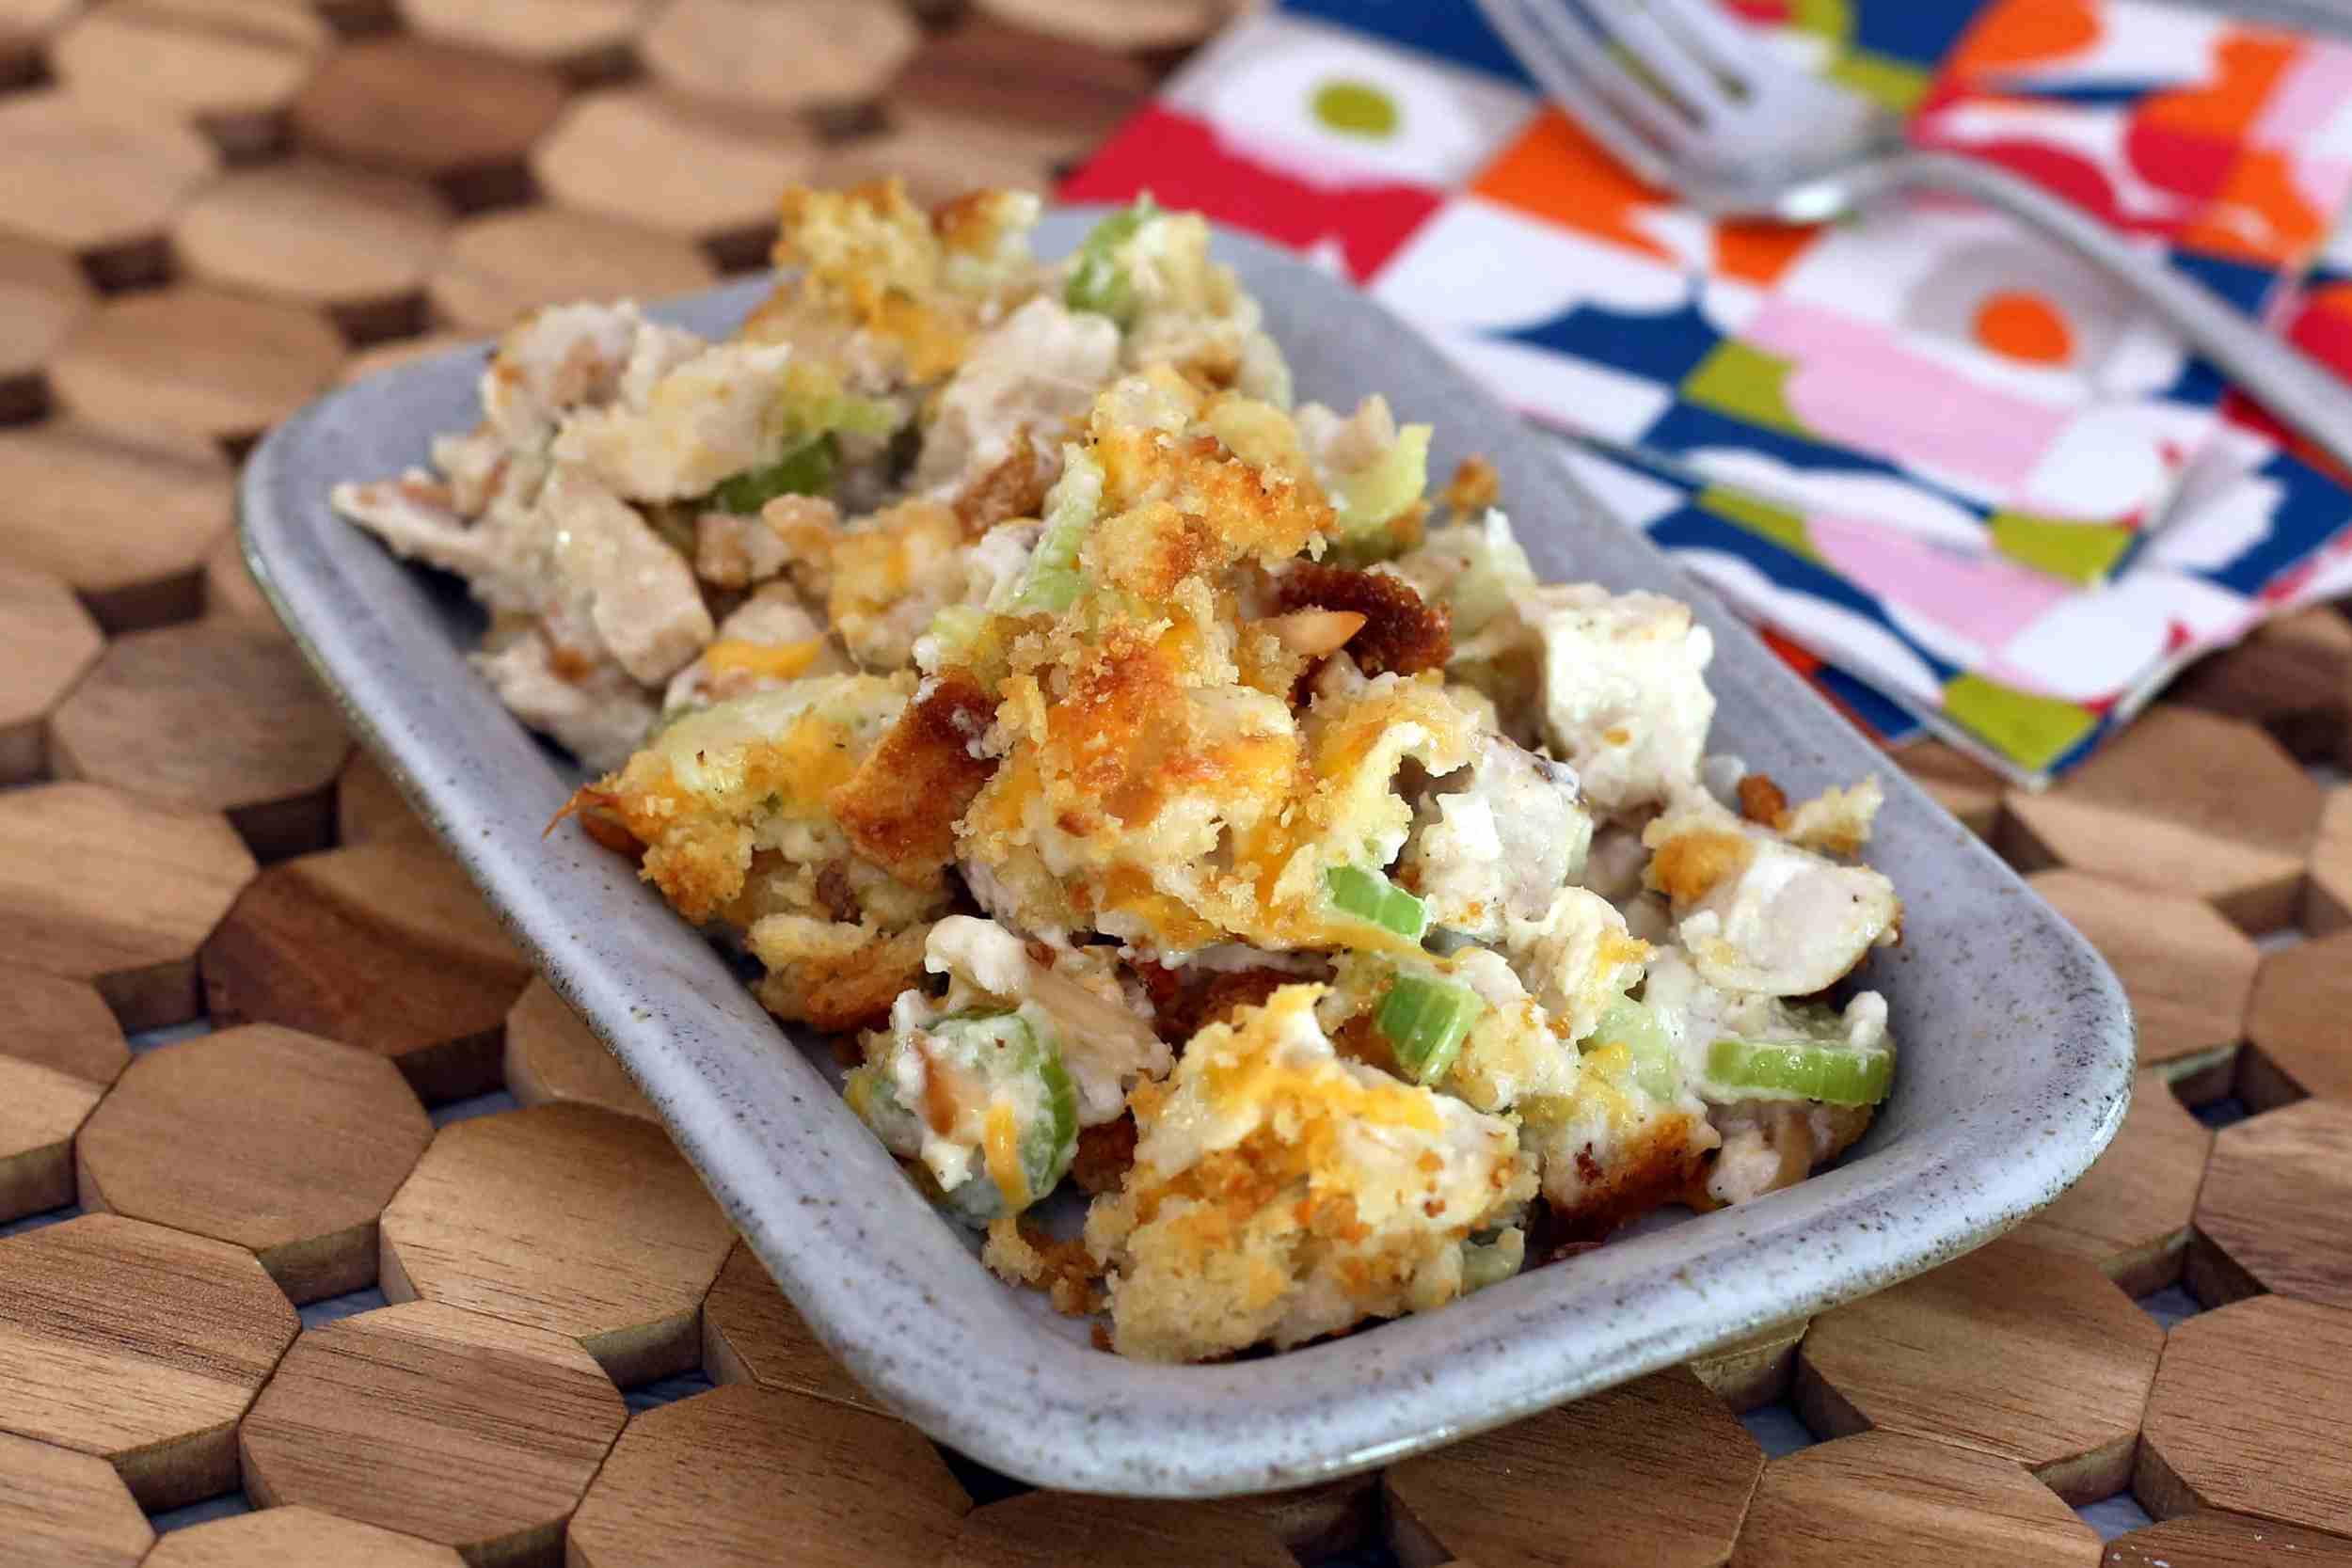 Top 13 Chicken Salad Recipes